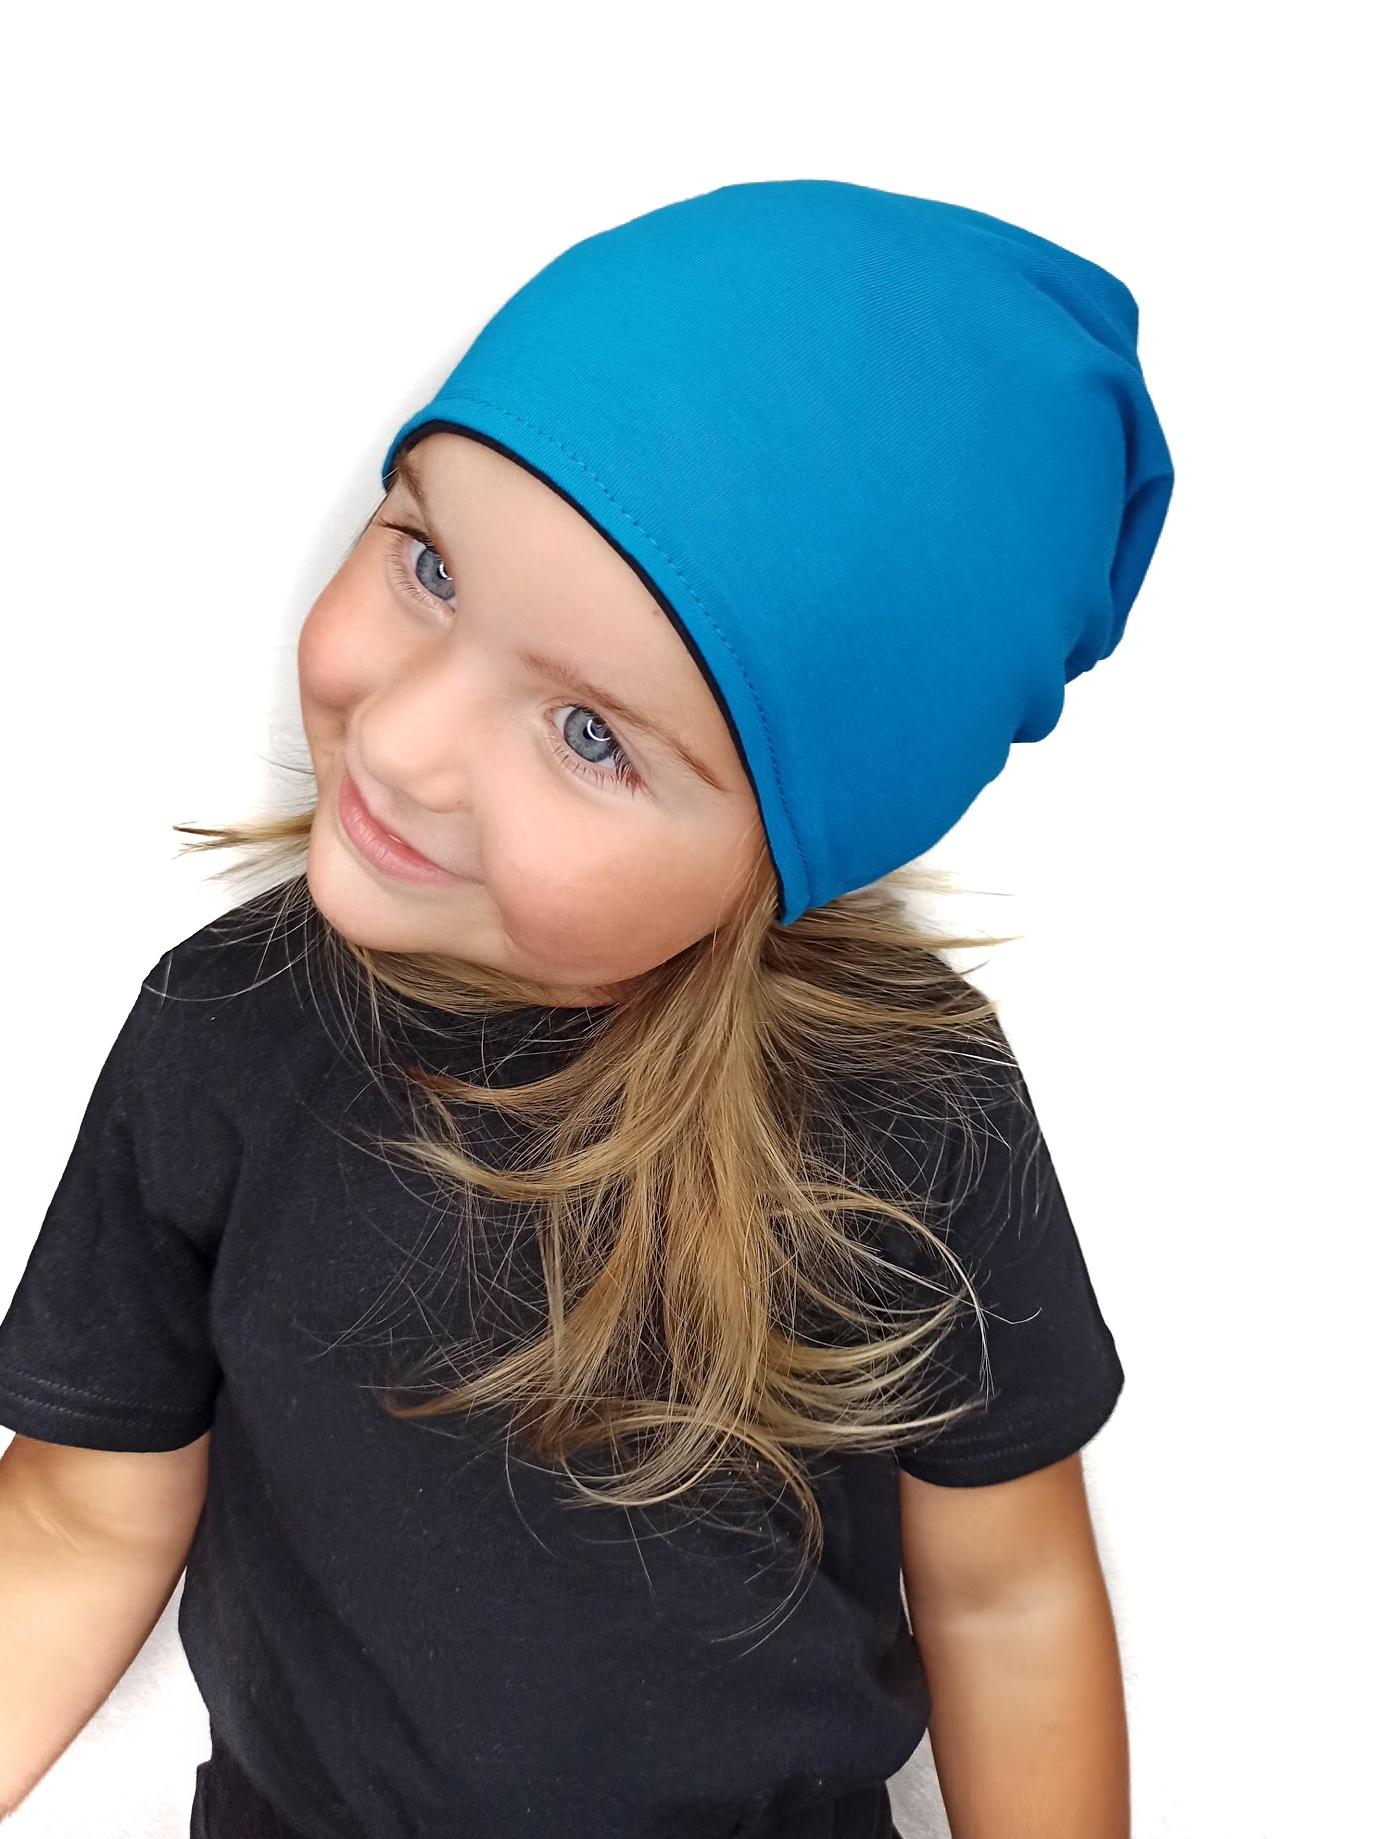 Dětská čepice bavlněná, oboustranná, tmavě šedý melír+tmavý tyrkys, m